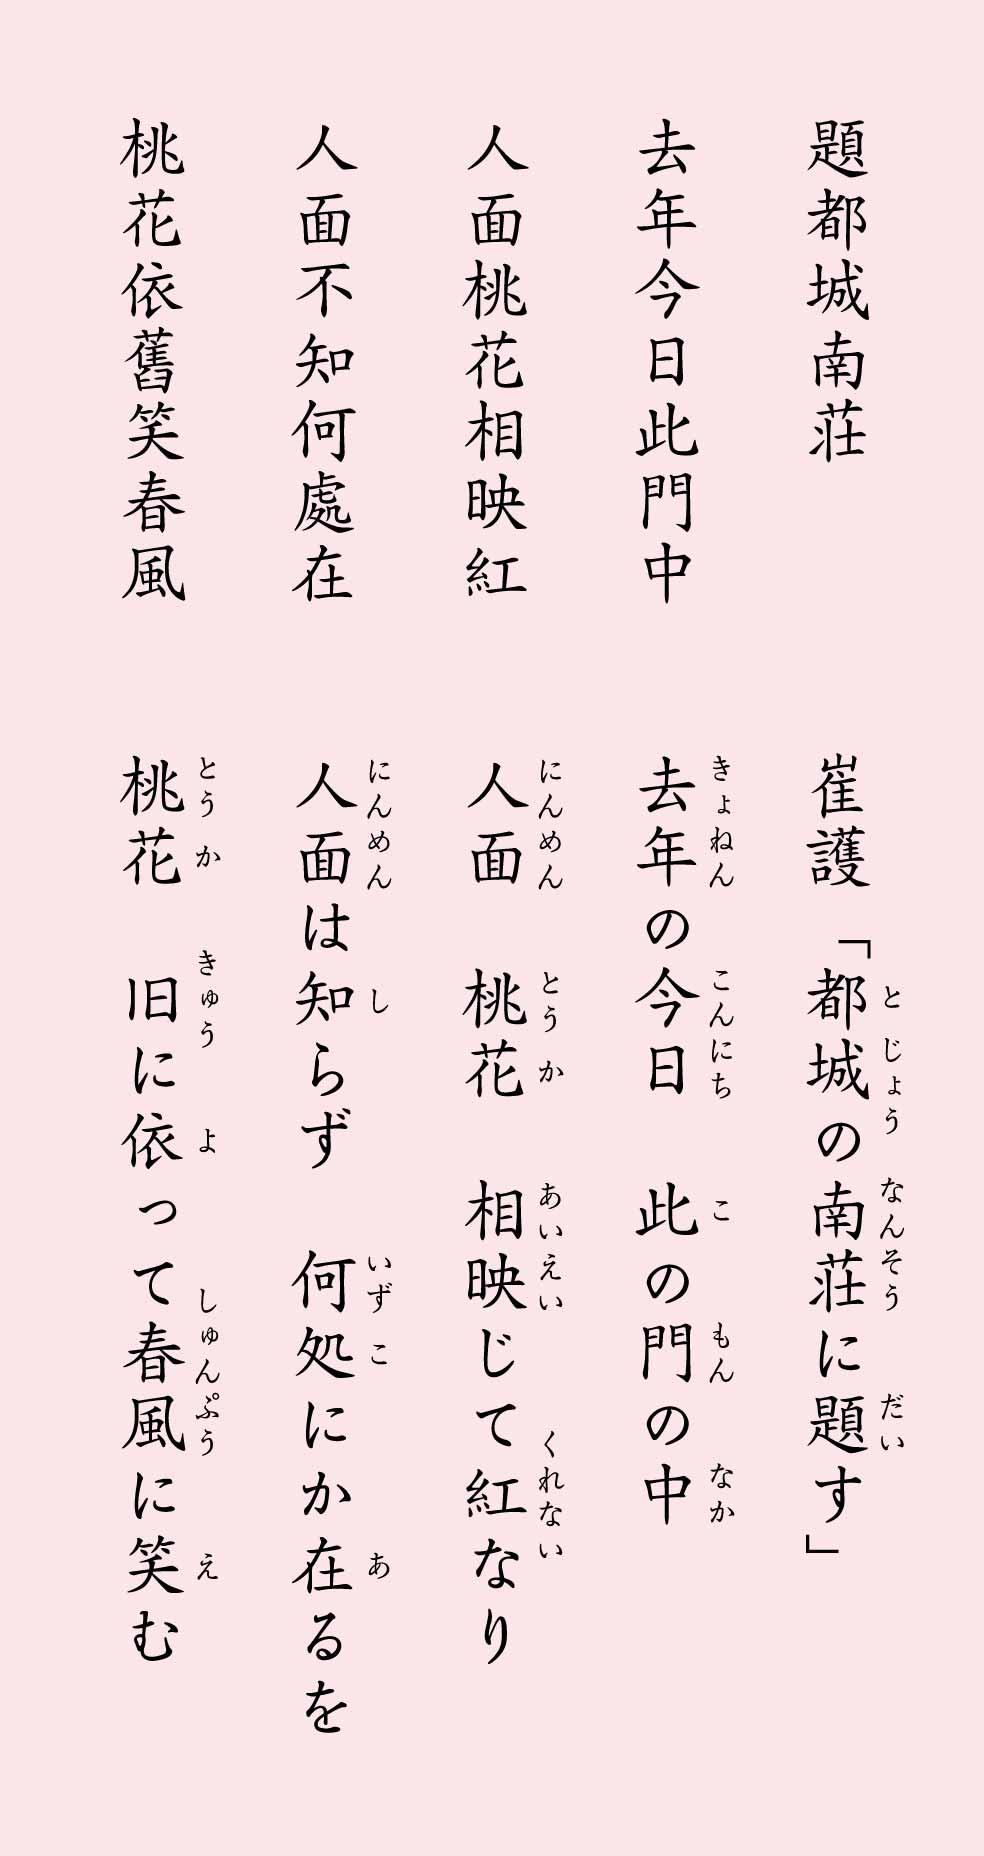 人面_花蓮華